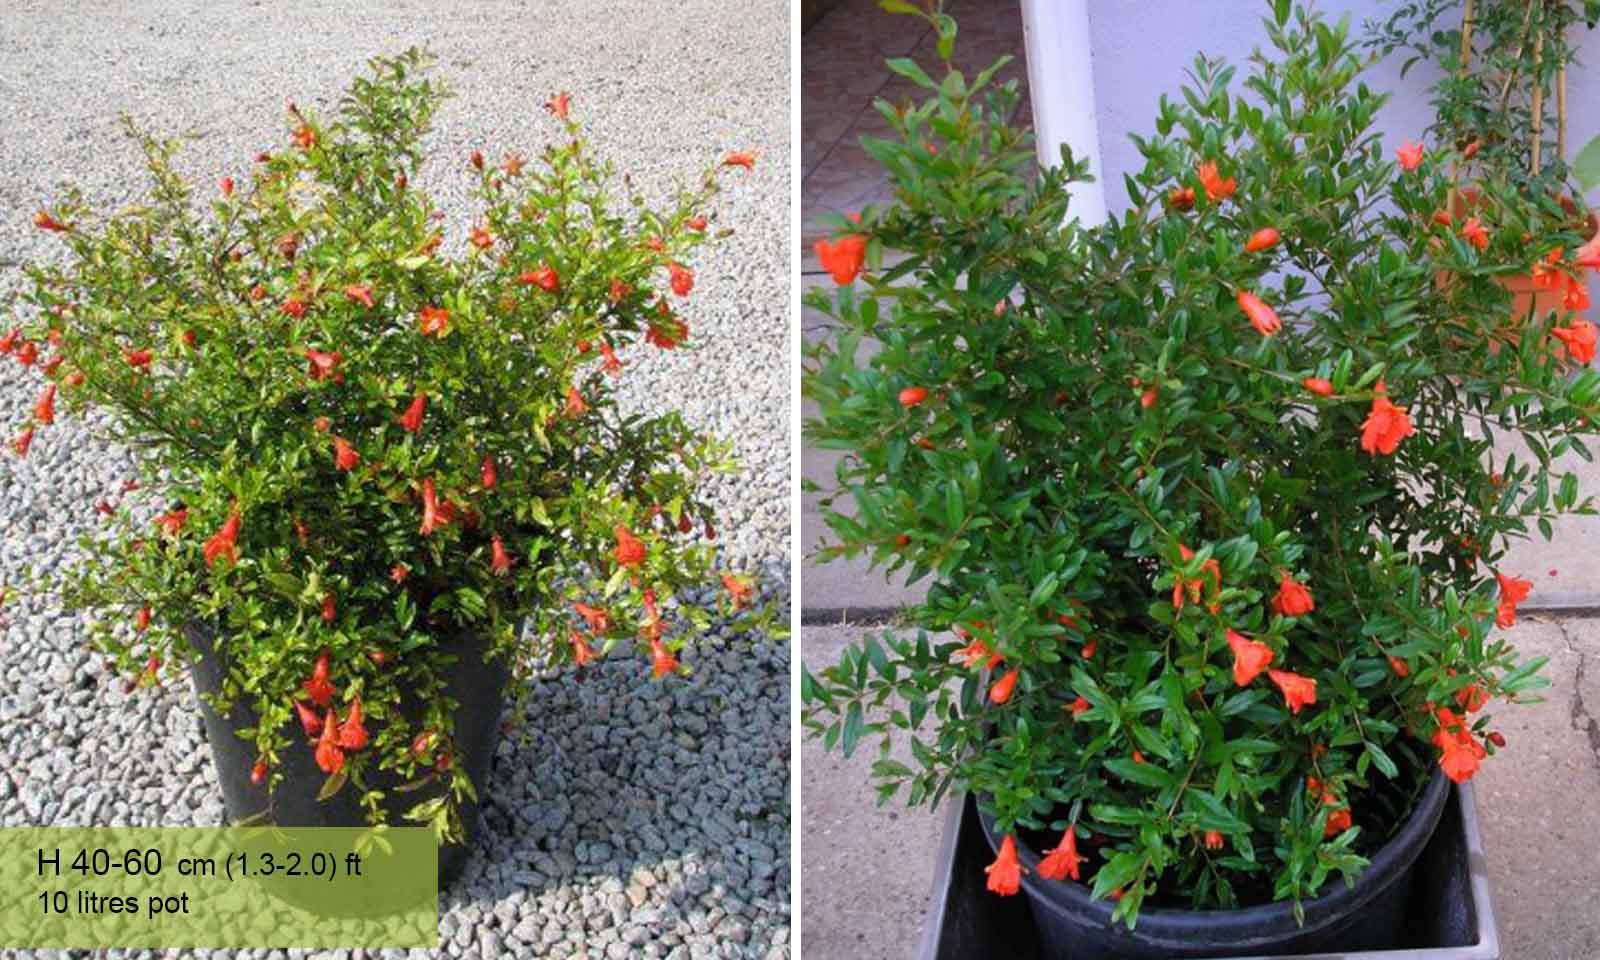 Punica Granatum Nana (Pomegranate Tree) - Shrub